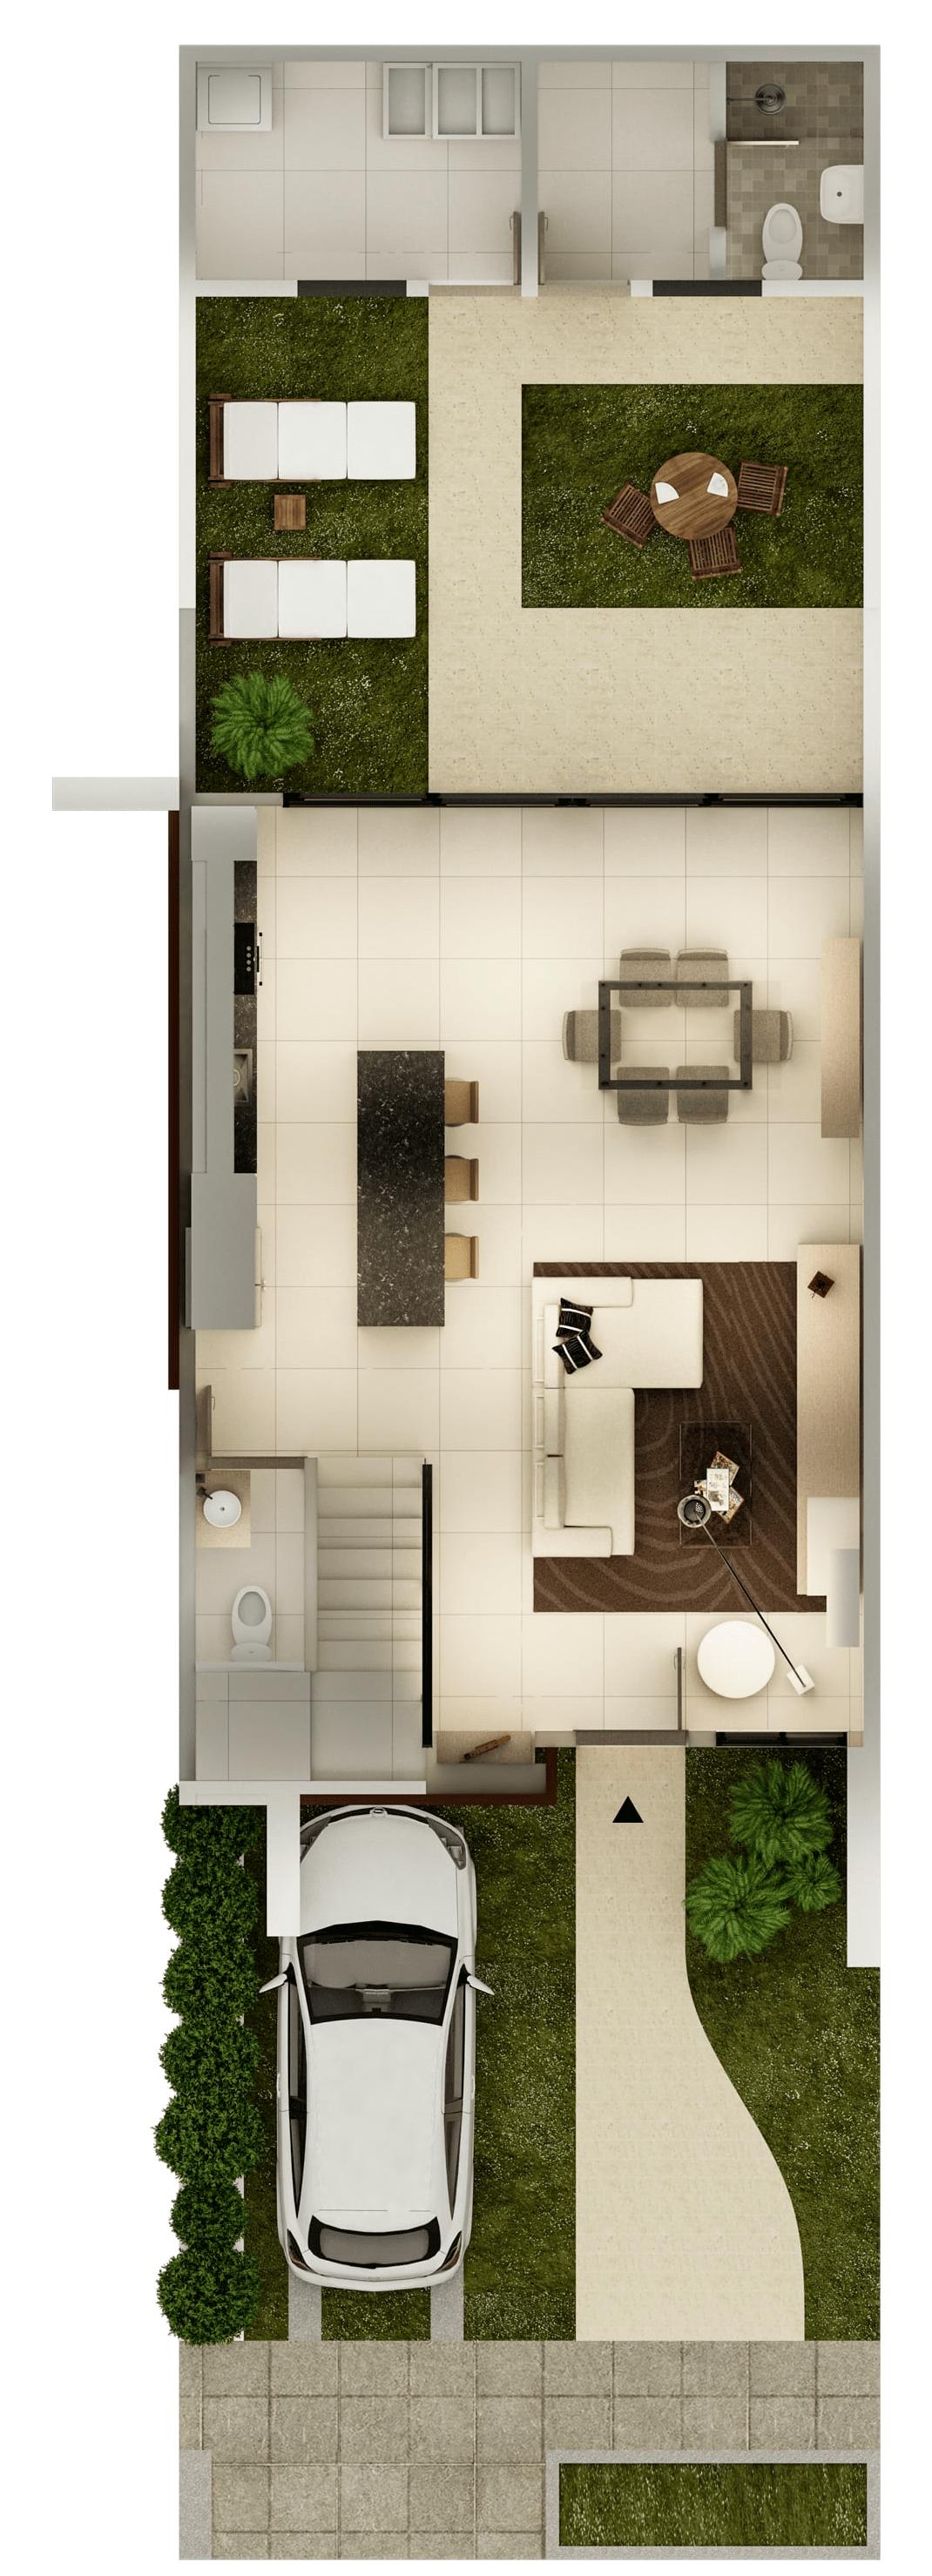 casa_planta_piso_1-min